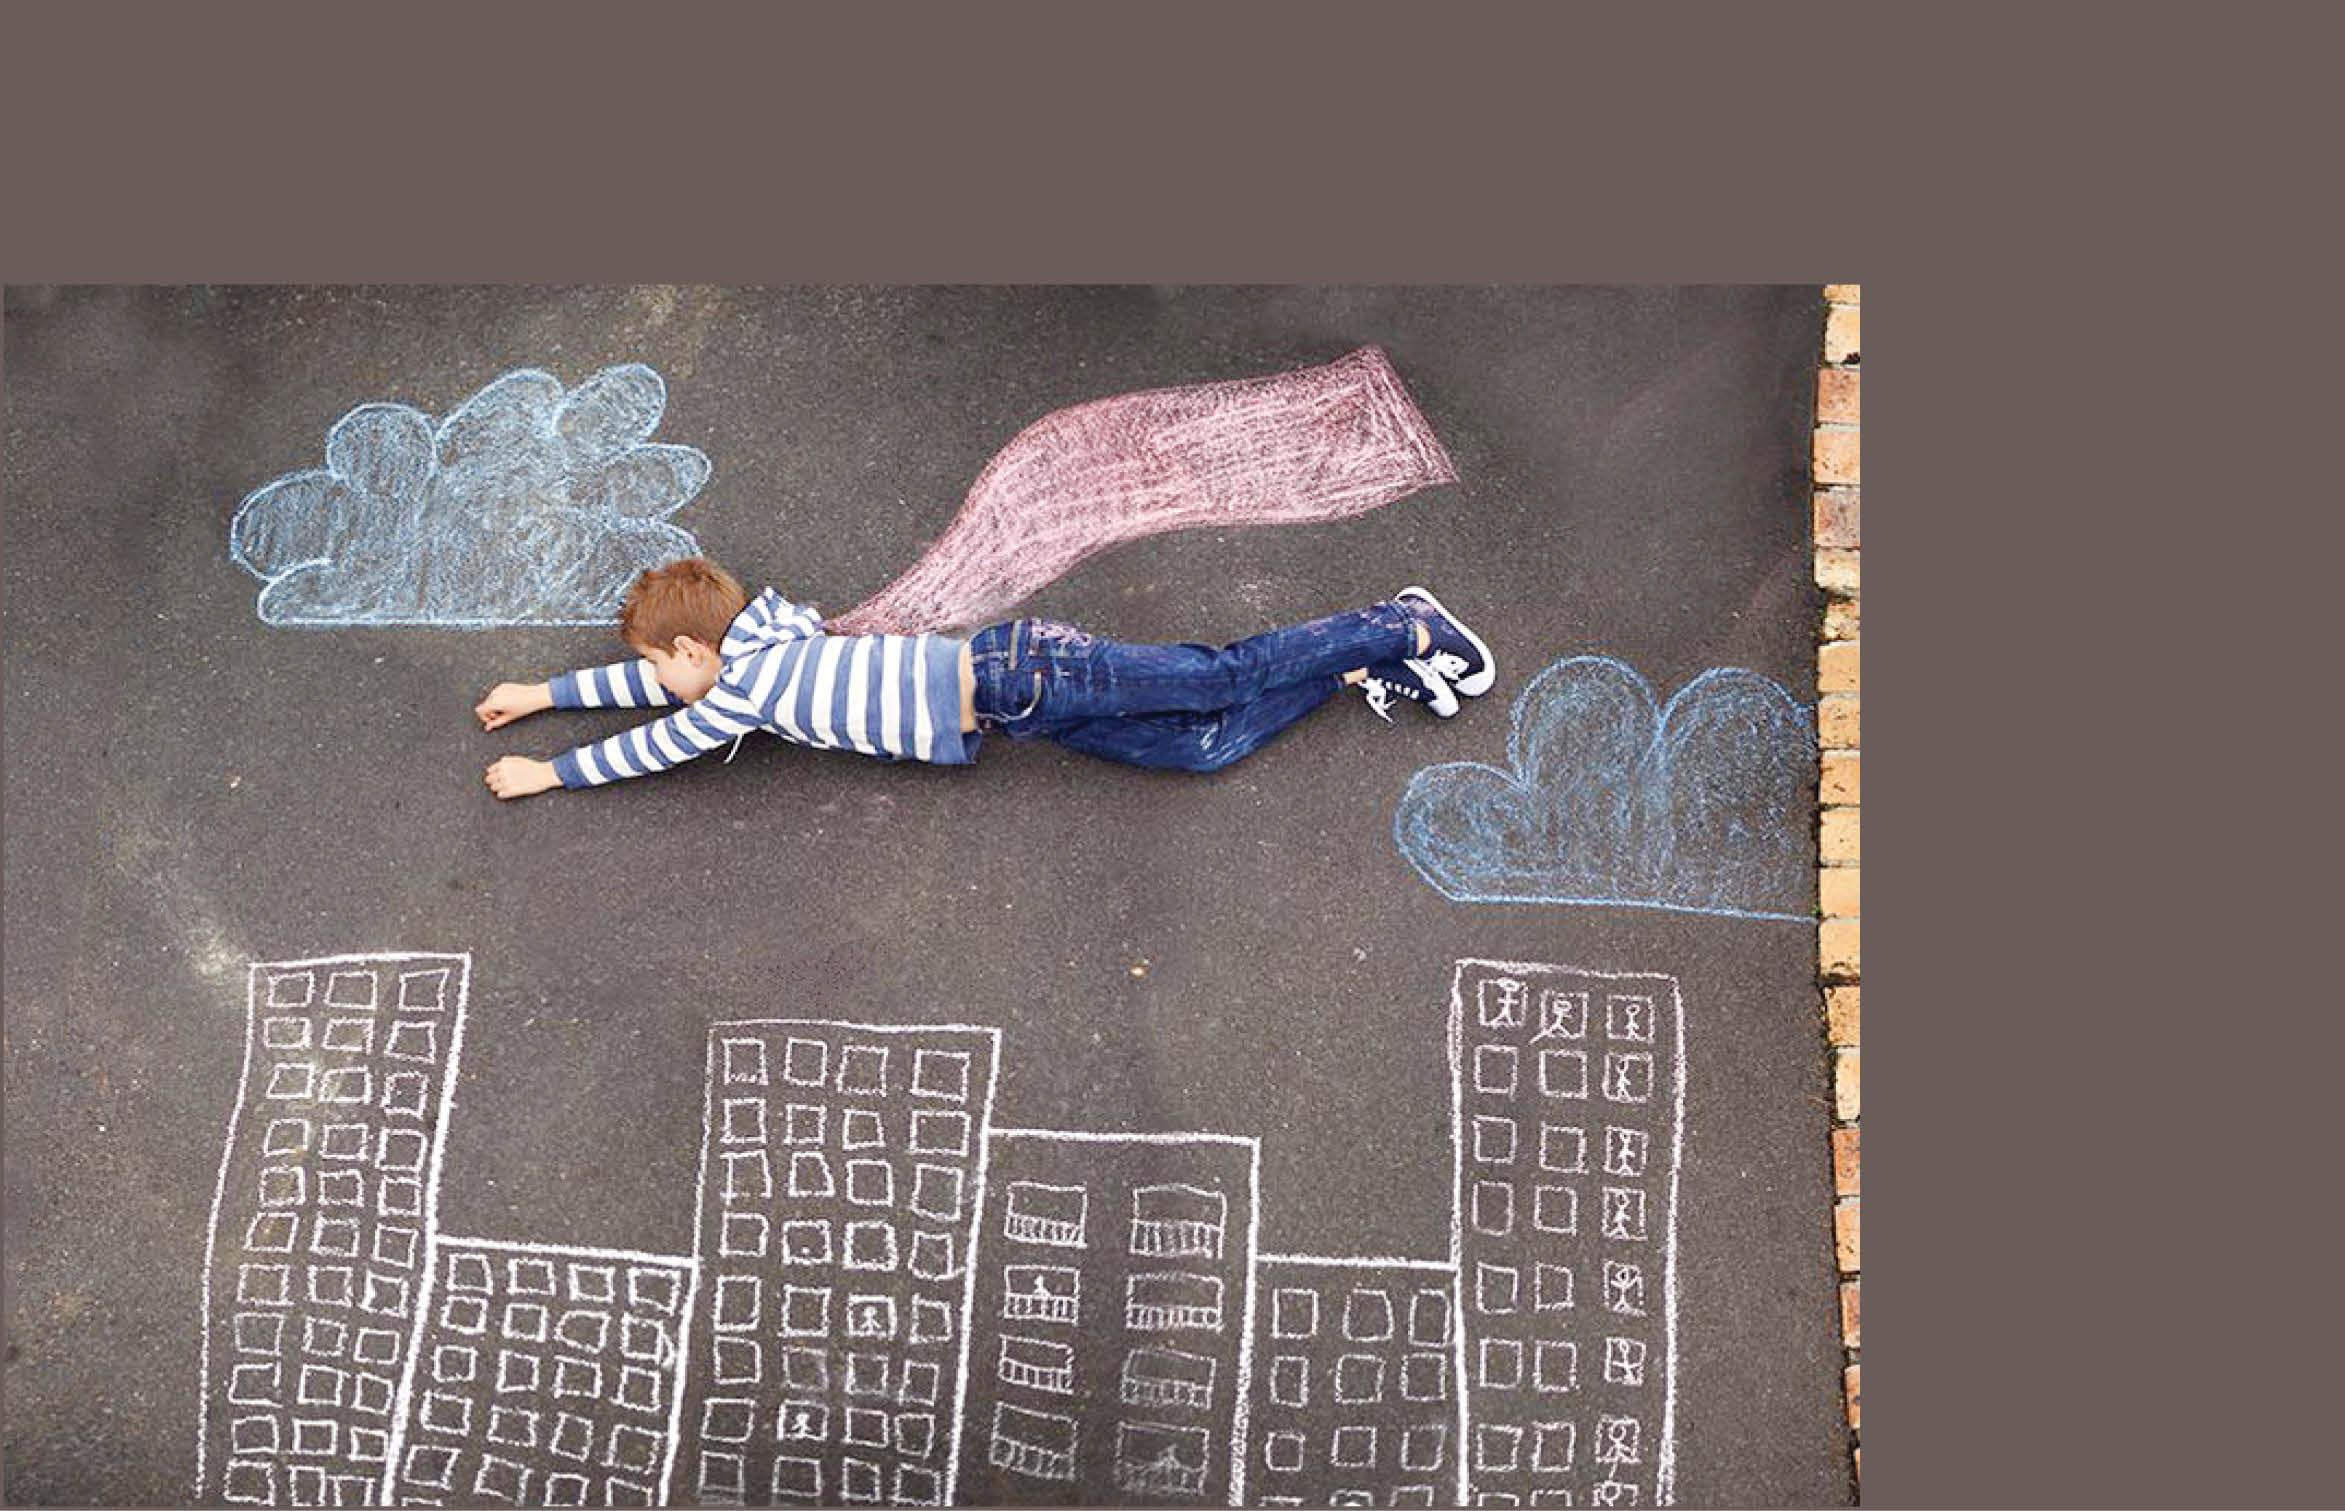 بهترین روش برای پرورش خلاقیت کودکان 1 تا 11 ساله + معرفی بازیهای مفید